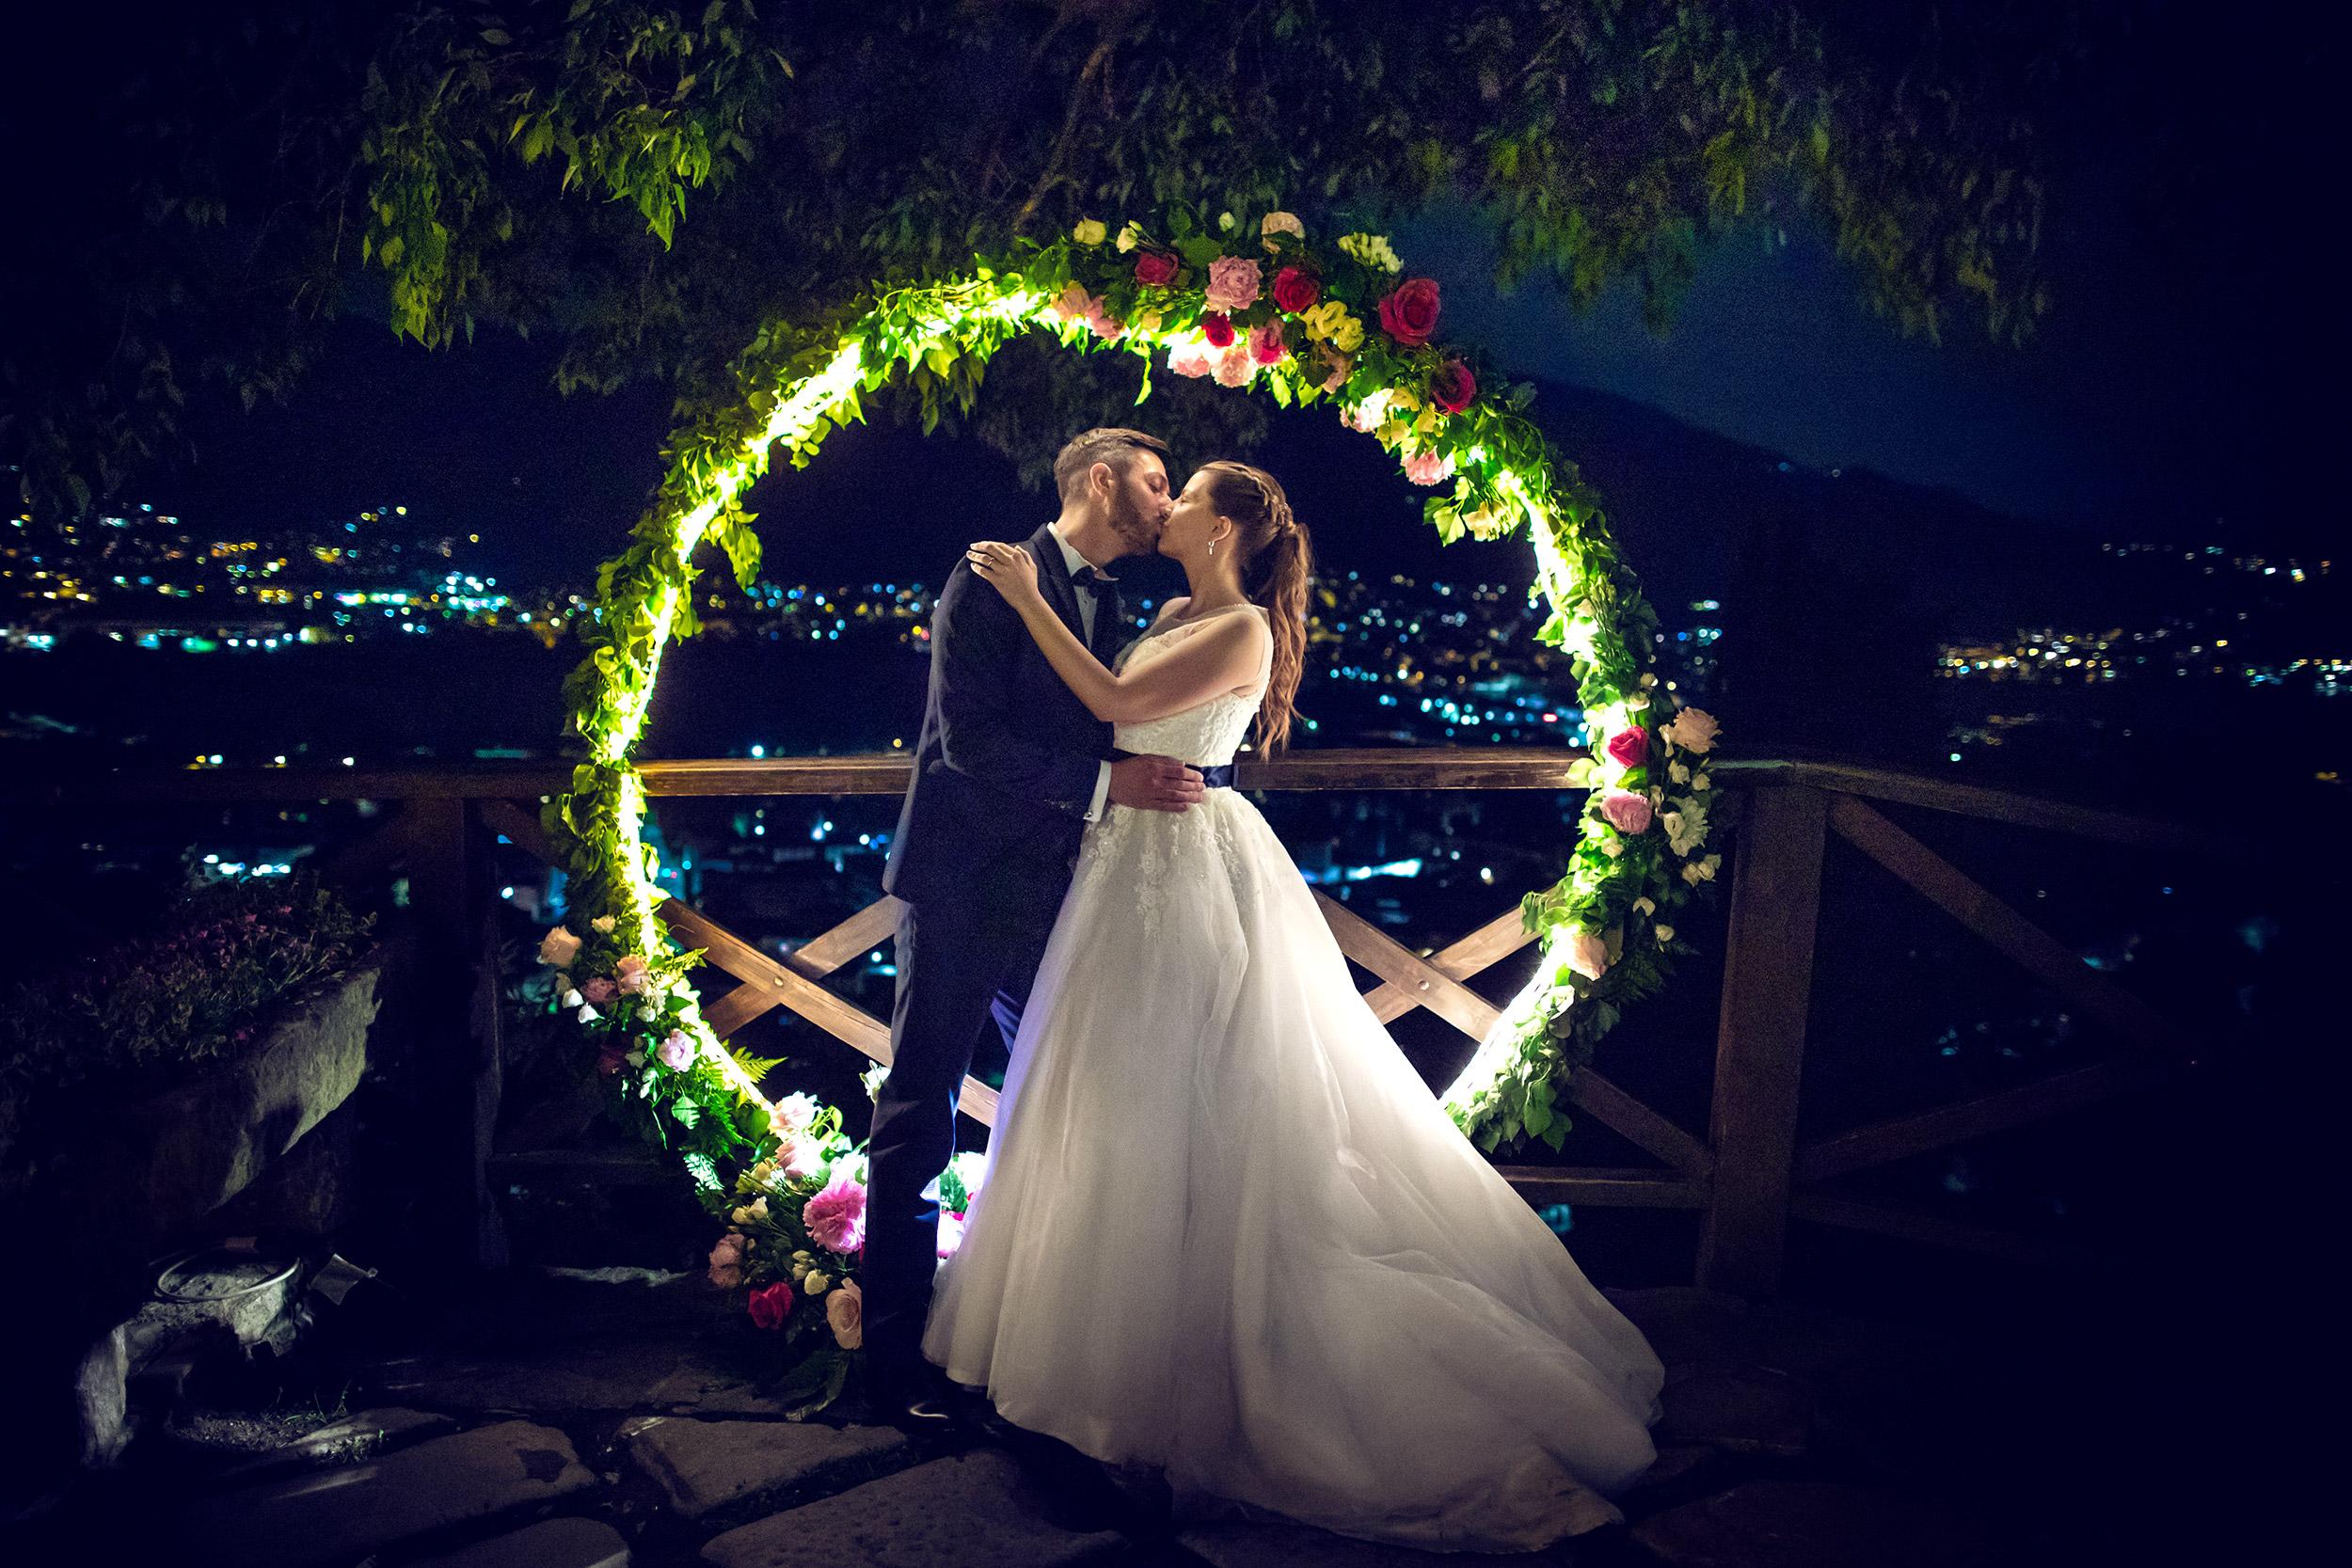 001 reportage wedding sposi foto matrimonio castello rossino lecco 1